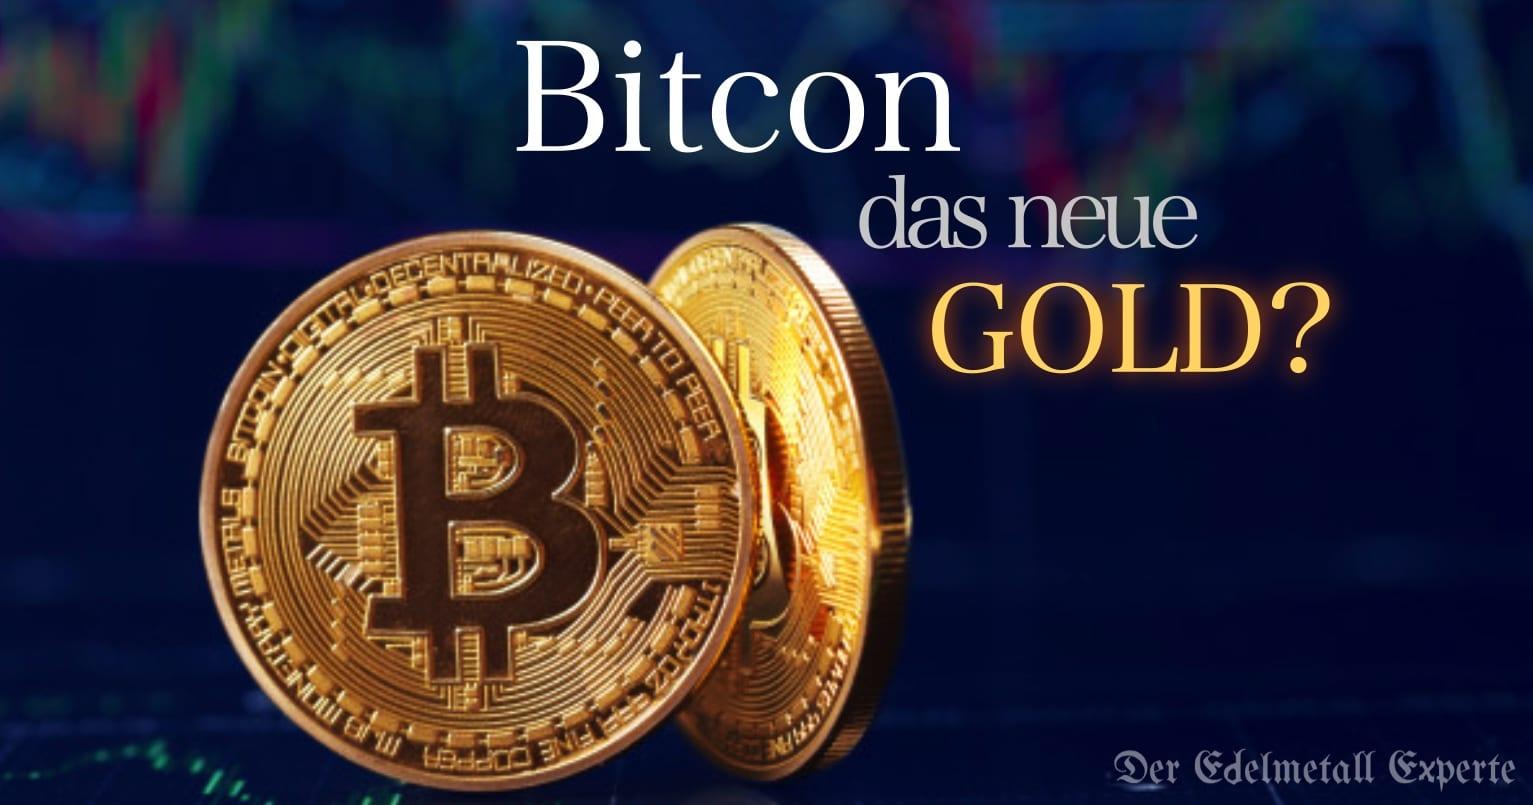 Bitcoin das neue Gold?